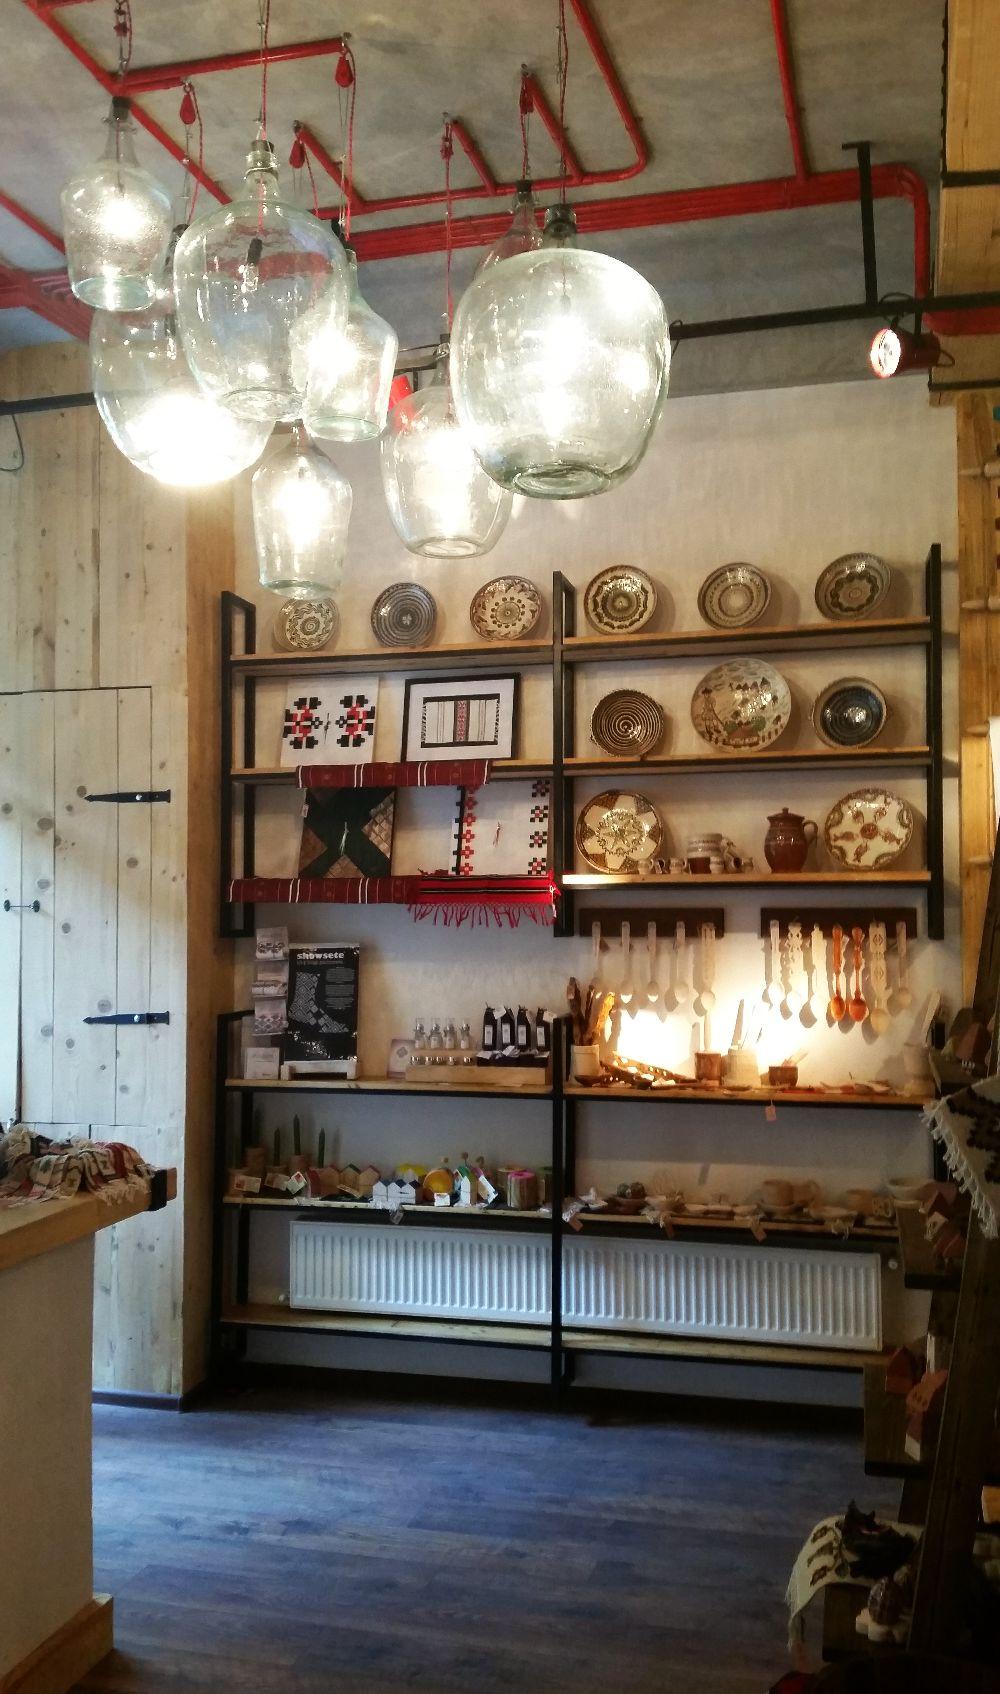 adelaparvu.com despremagazin cu obiecte traditionale, My Romanian Store Bucharest (7)